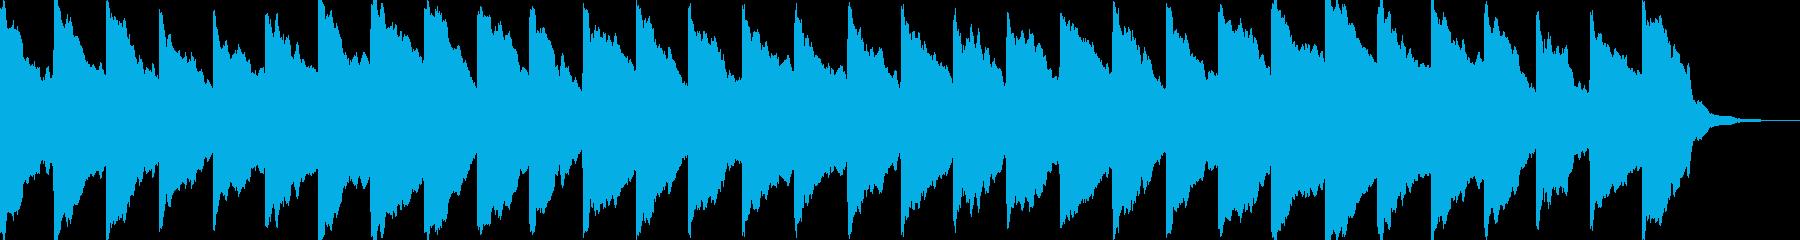 踏み切りの音(ドップラー効果付き)の再生済みの波形